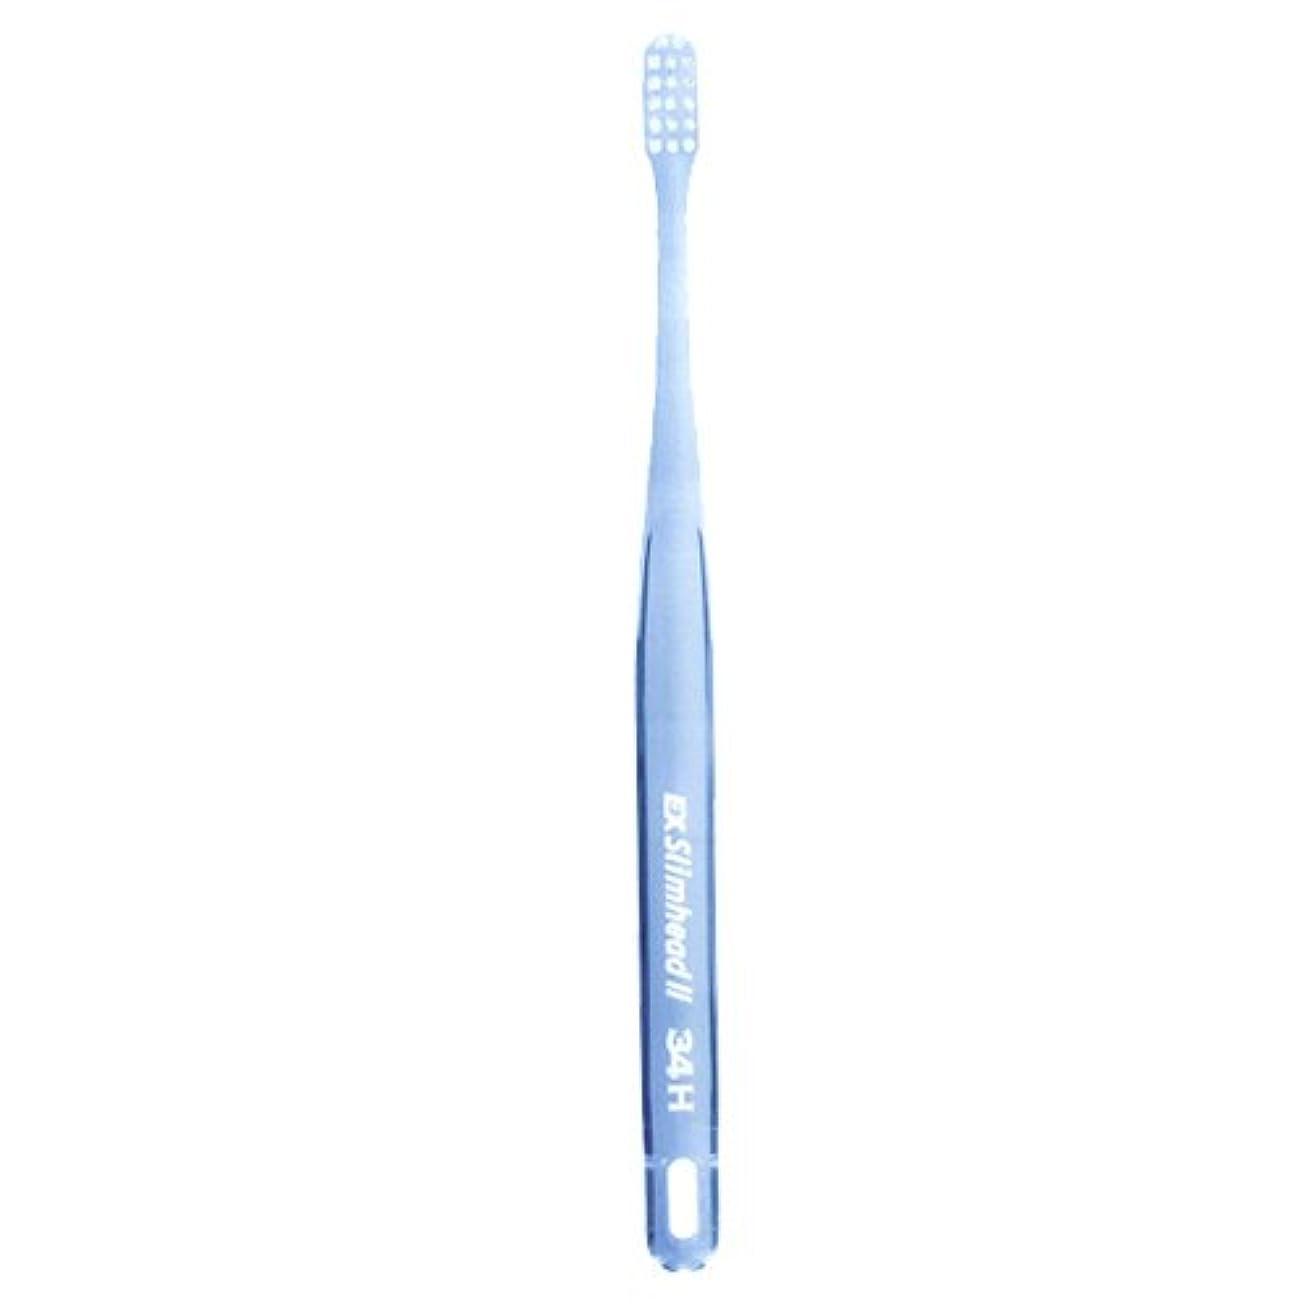 自然リーフレットサラダライオン スリムヘッド2 歯ブラシ DENT . EX Slimhead2 1本 34S クリアブルー